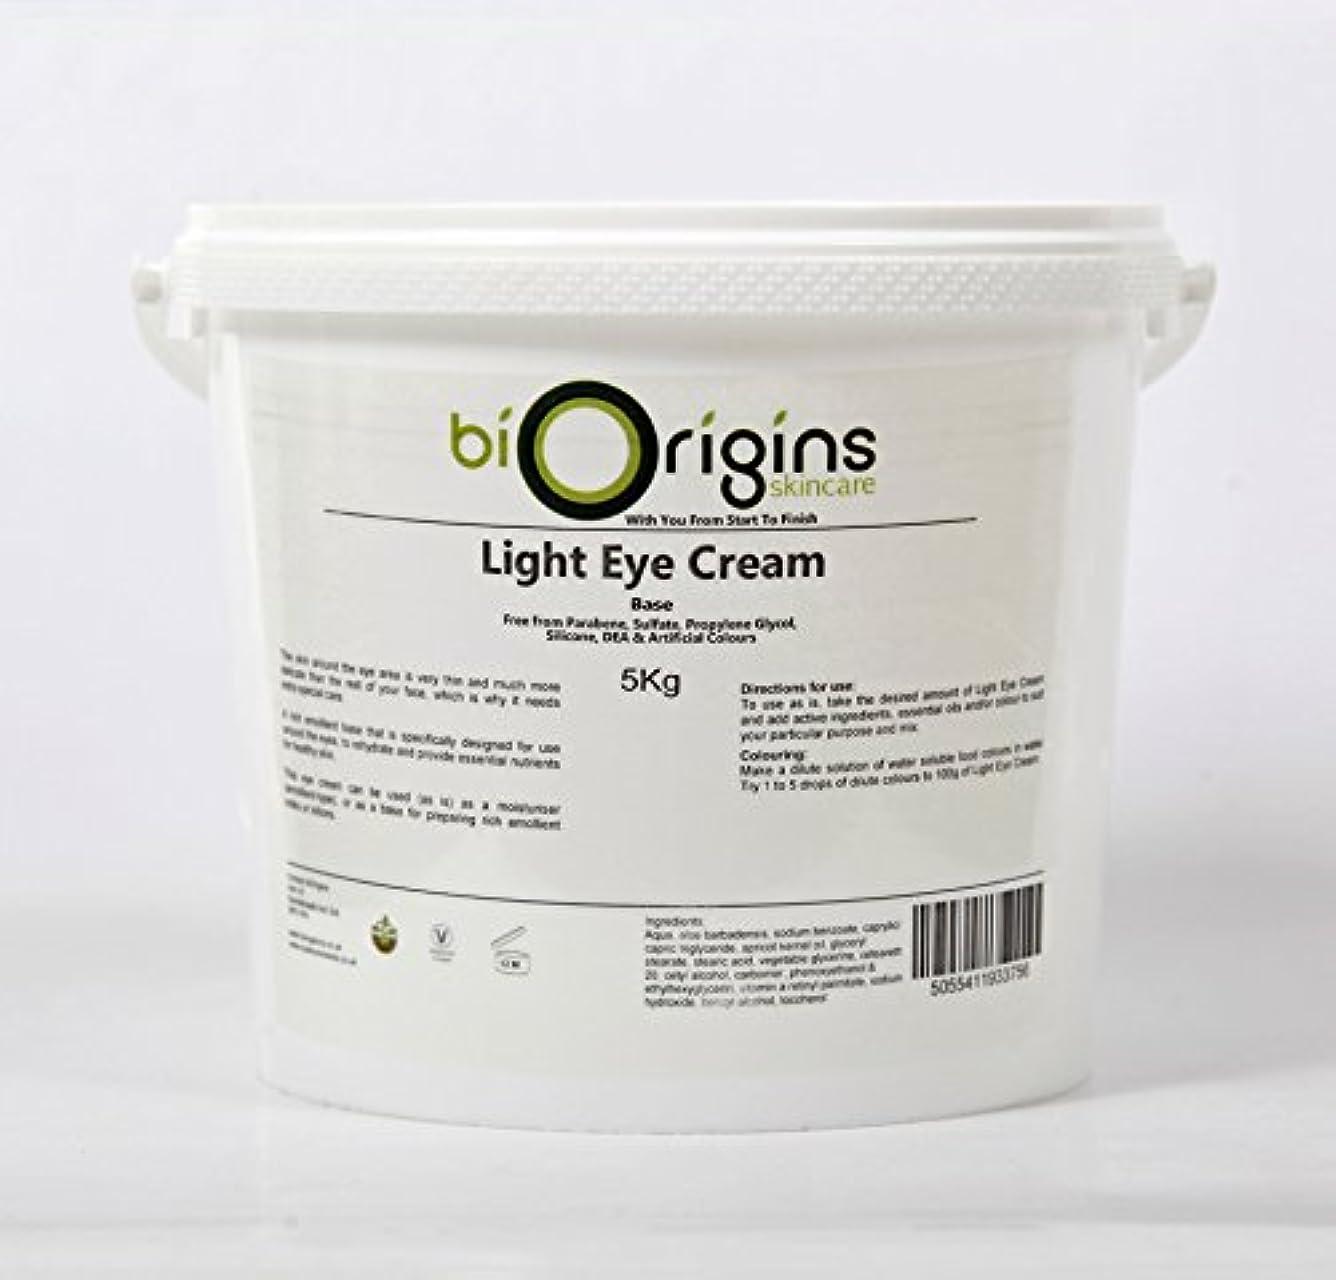 残酷な暗殺する全体にLight Eye Cream - Botanical Skincare Base - 5Kg